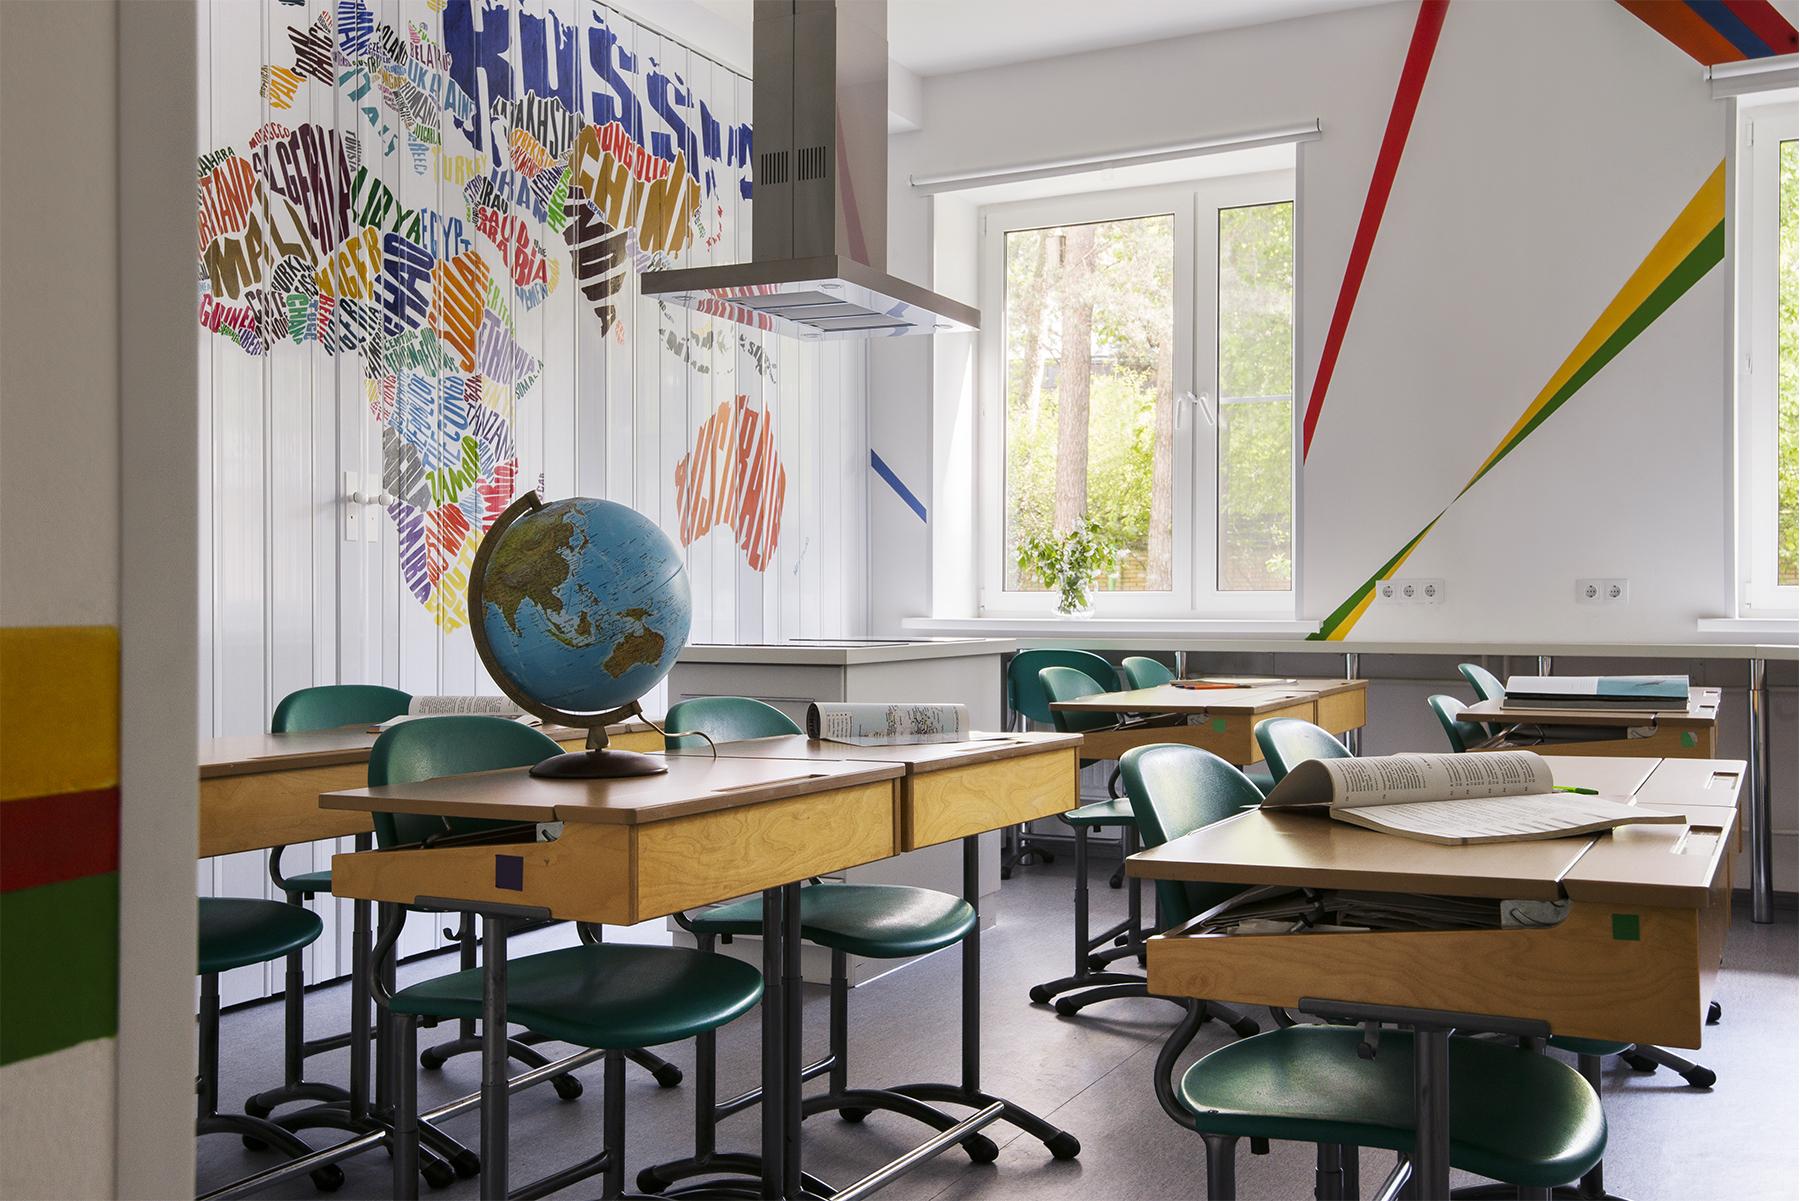 Школа на 500 мест откроется во Владикавказе к концу текущего года